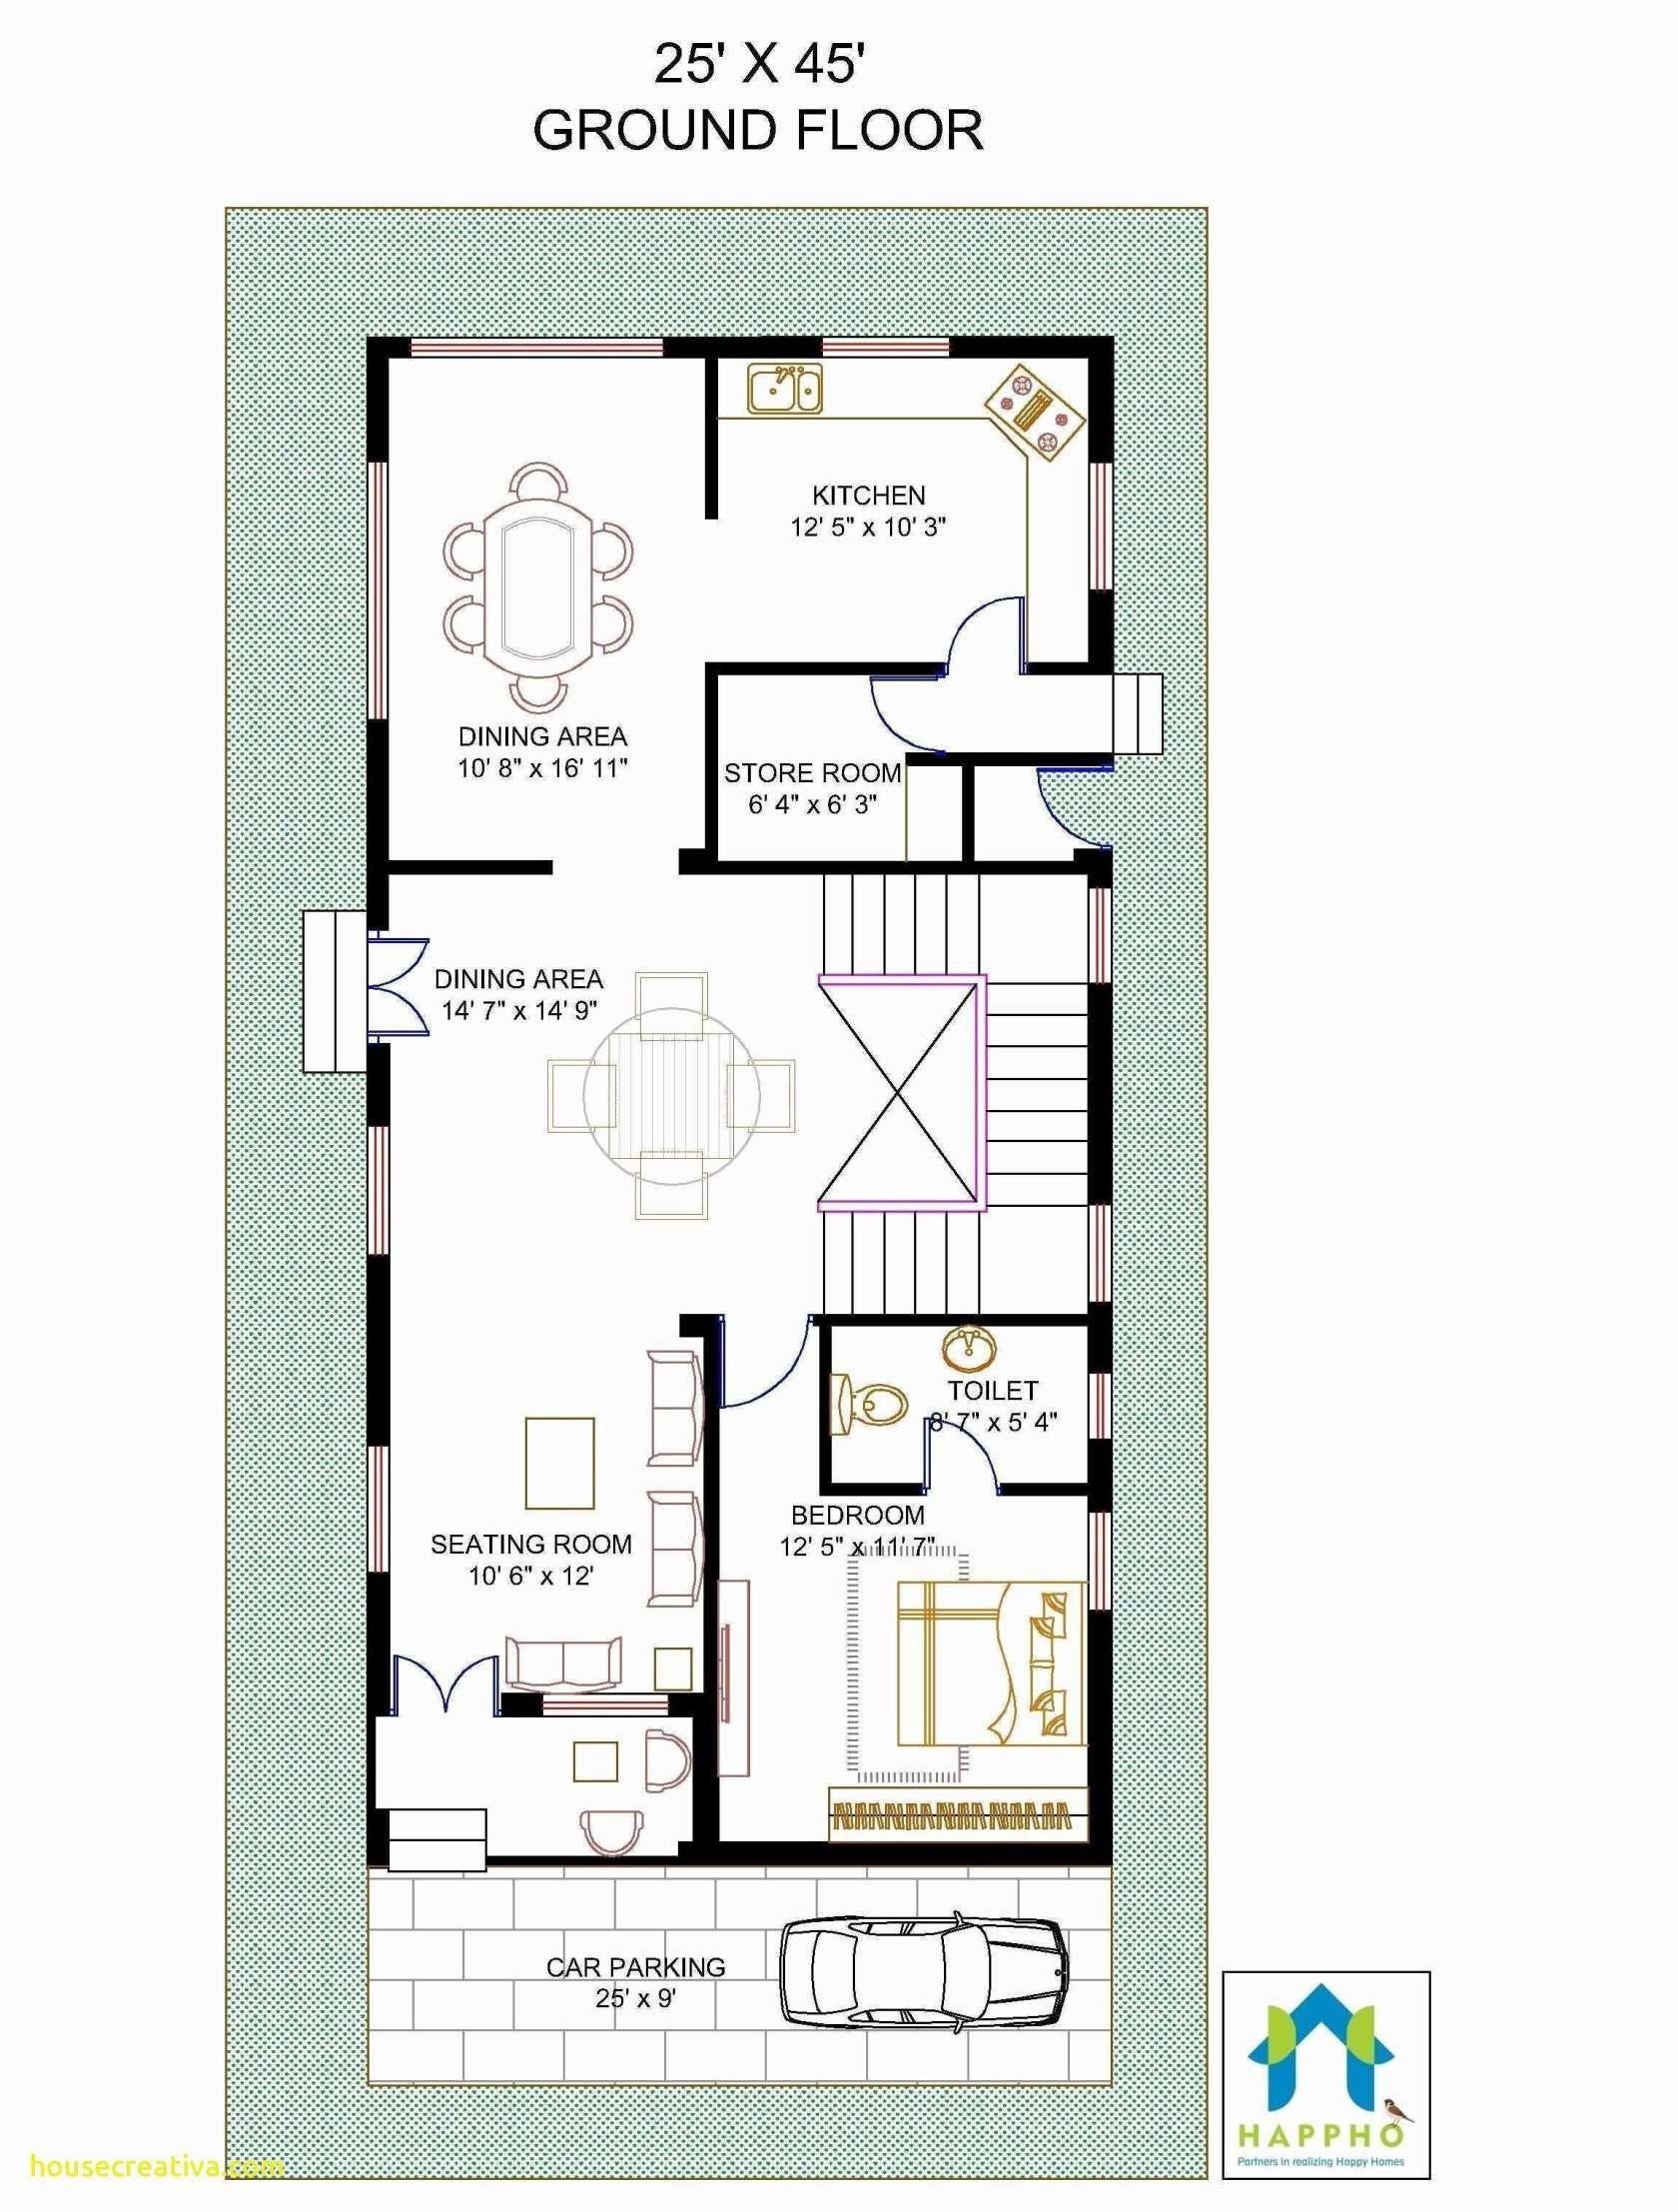 1200 Sq Foot House Plans Unique 500 600 Sq Ft House Plans Beautiful With Images Shop House Plans Duplex House Plans Pole Barn House Plans